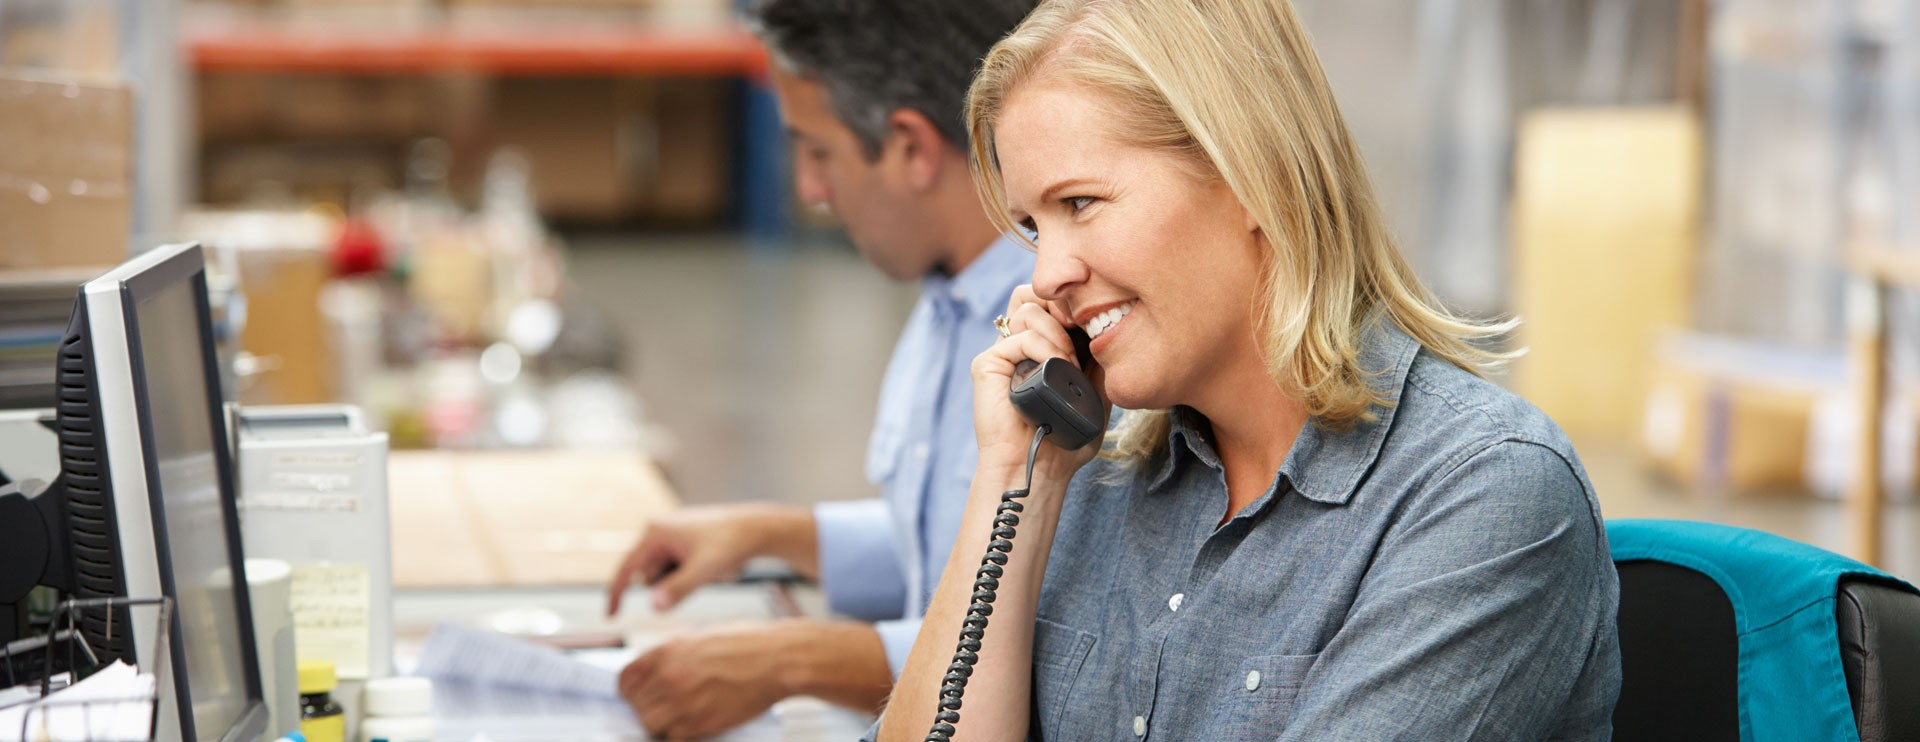 Femme souriant au téléphone devant un ordinateur